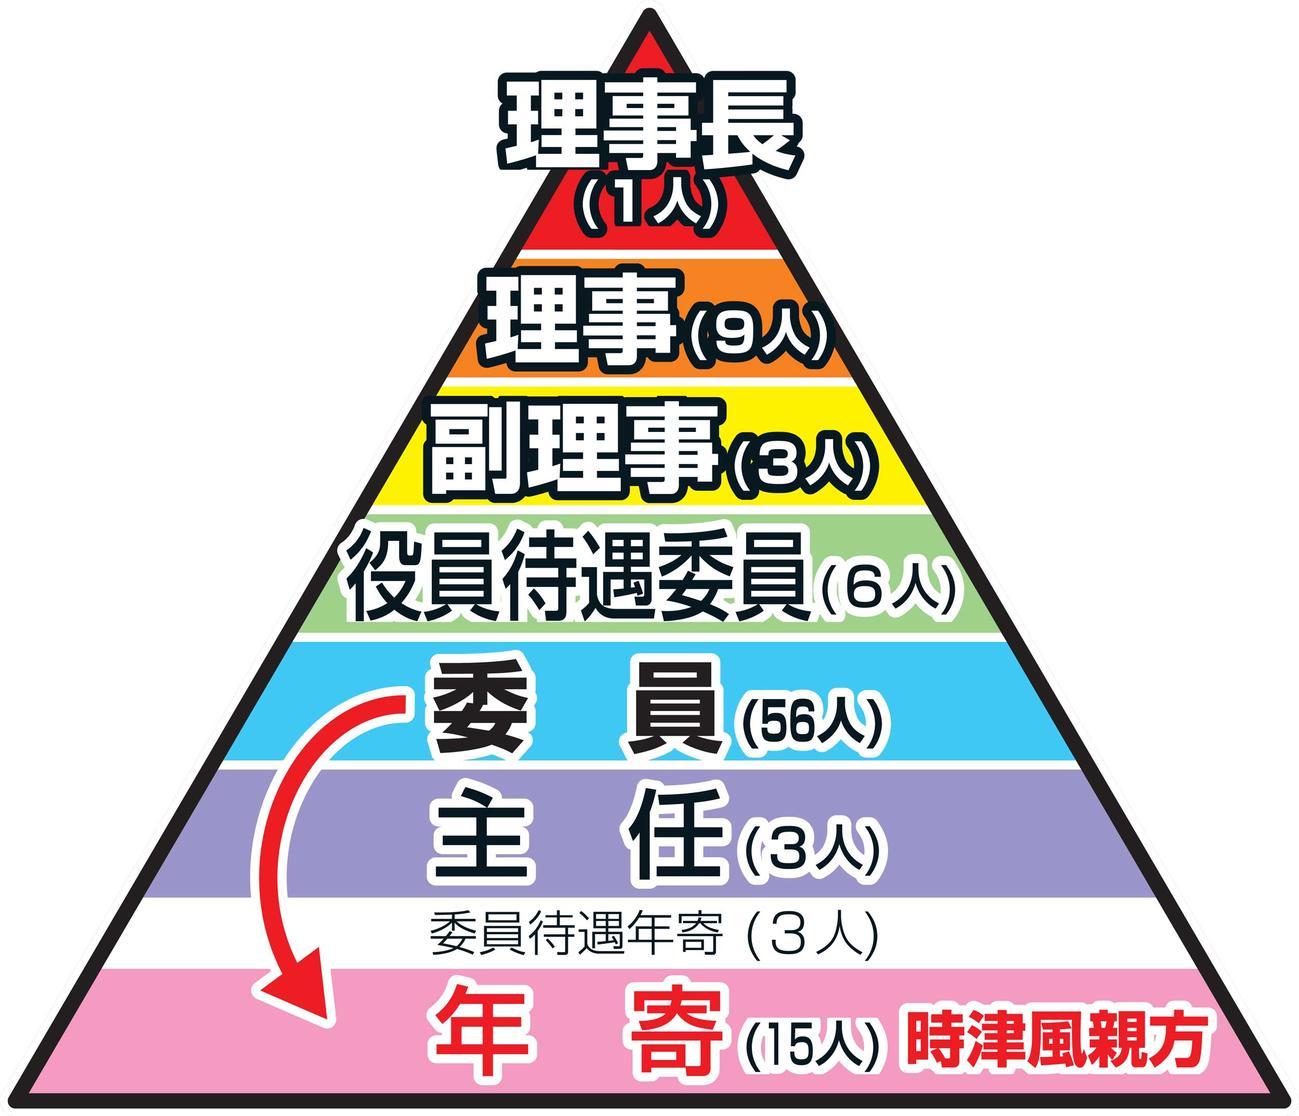 日本相撲協会の親方衆の階級と人数 時津風親方は秋場所後に2階級降格